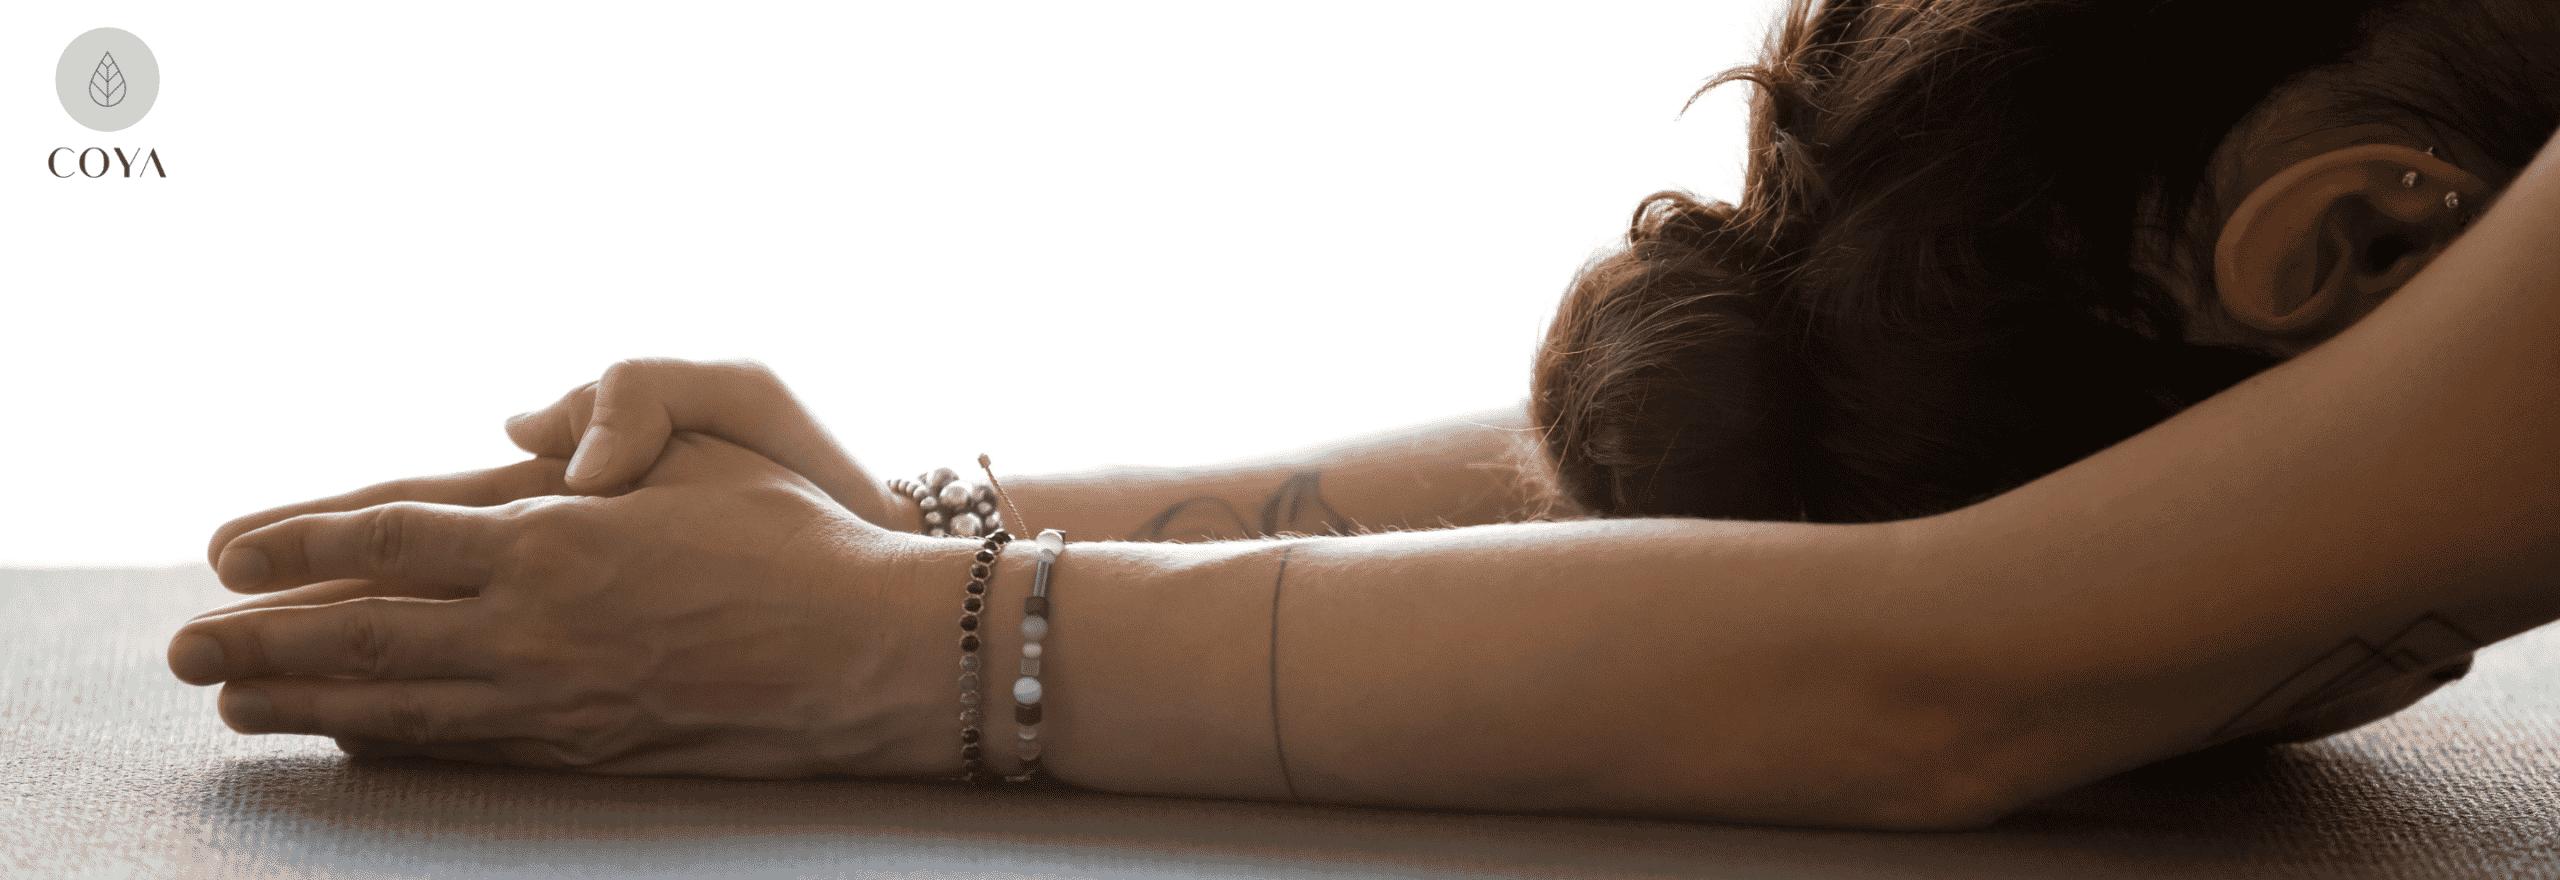 Μια γυναίκα που κάνει yin yoga